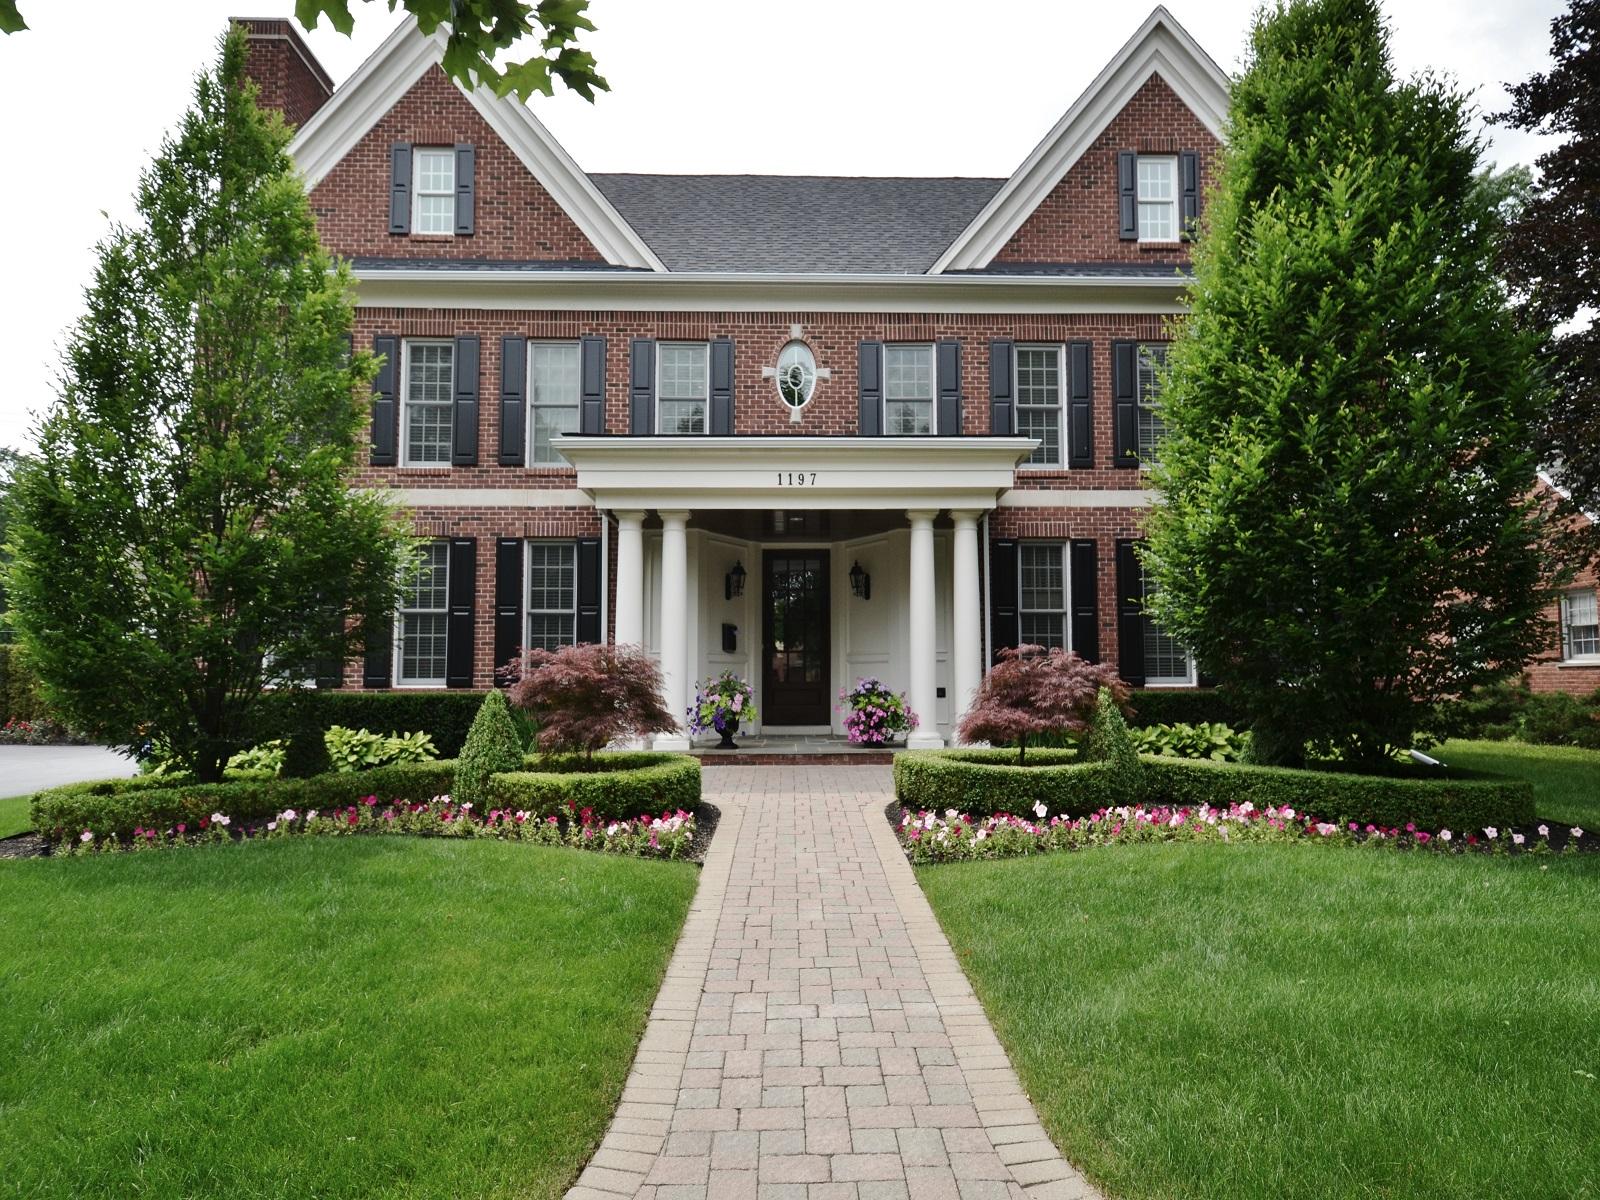 Maison unifamiliale pour l Vente à Birmingham 1197 Pilgrim Avenue Birmingham, Michigan 48009 États-Unis